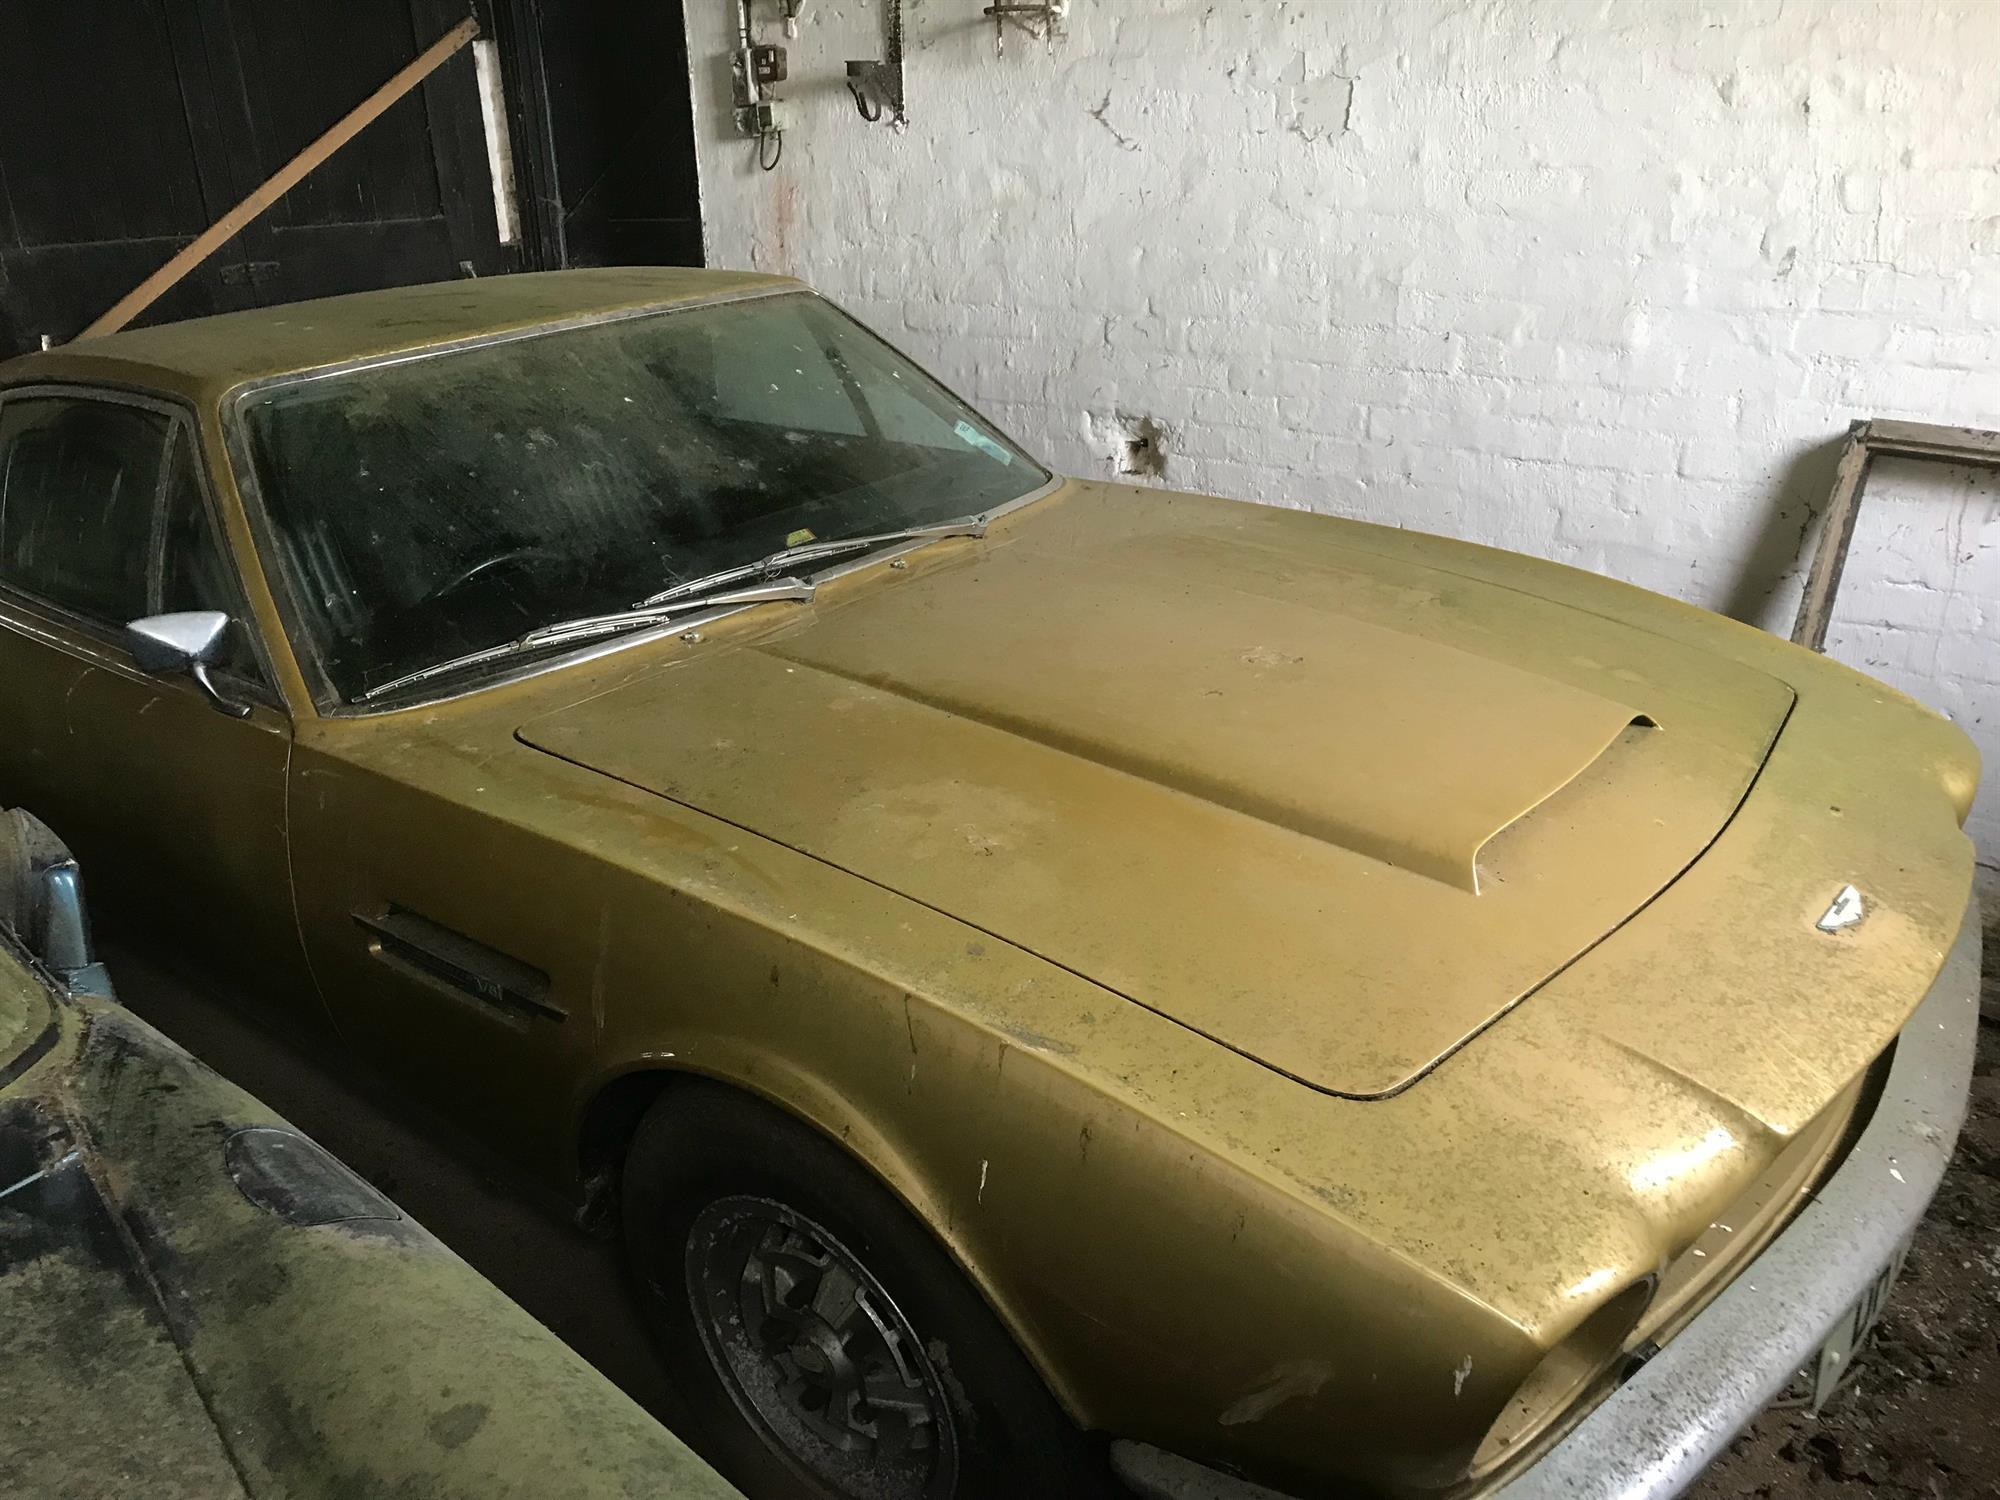 1973 Aston Martin AM V8 - Garage Find - Image 2 of 13